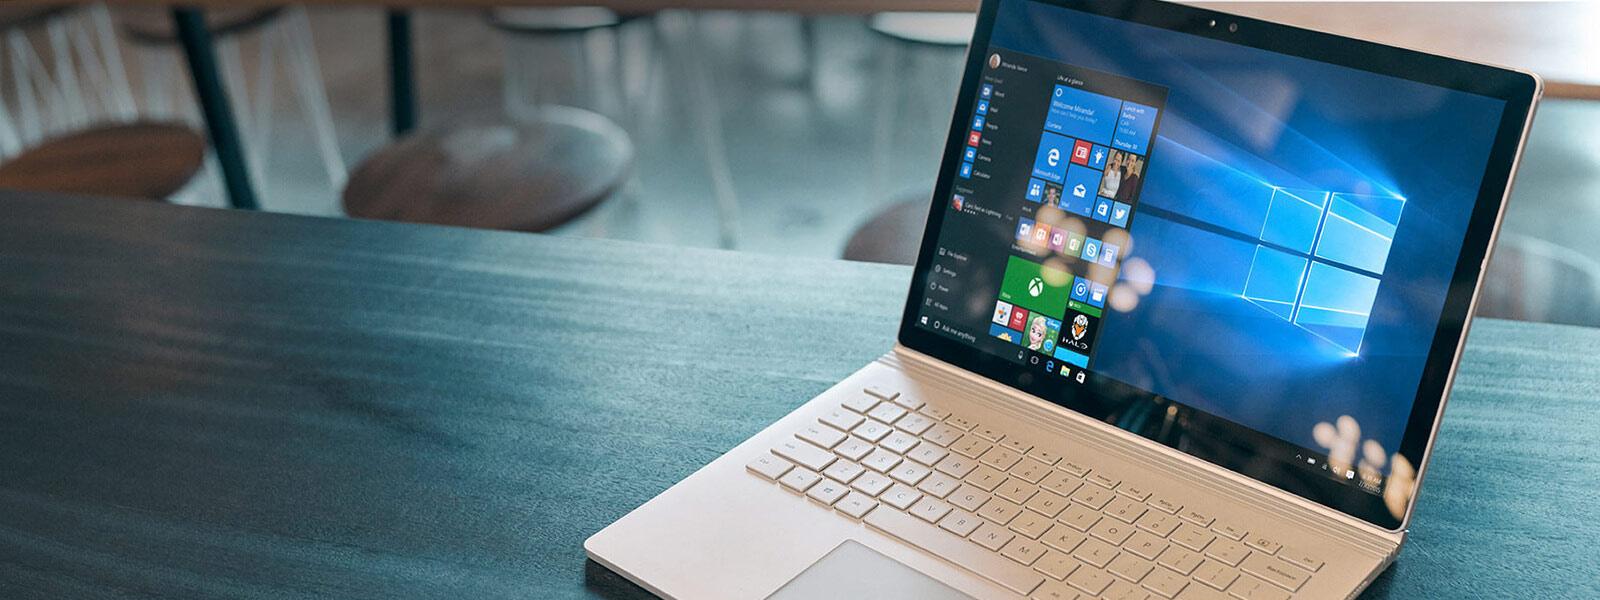 Windows 10 裝置